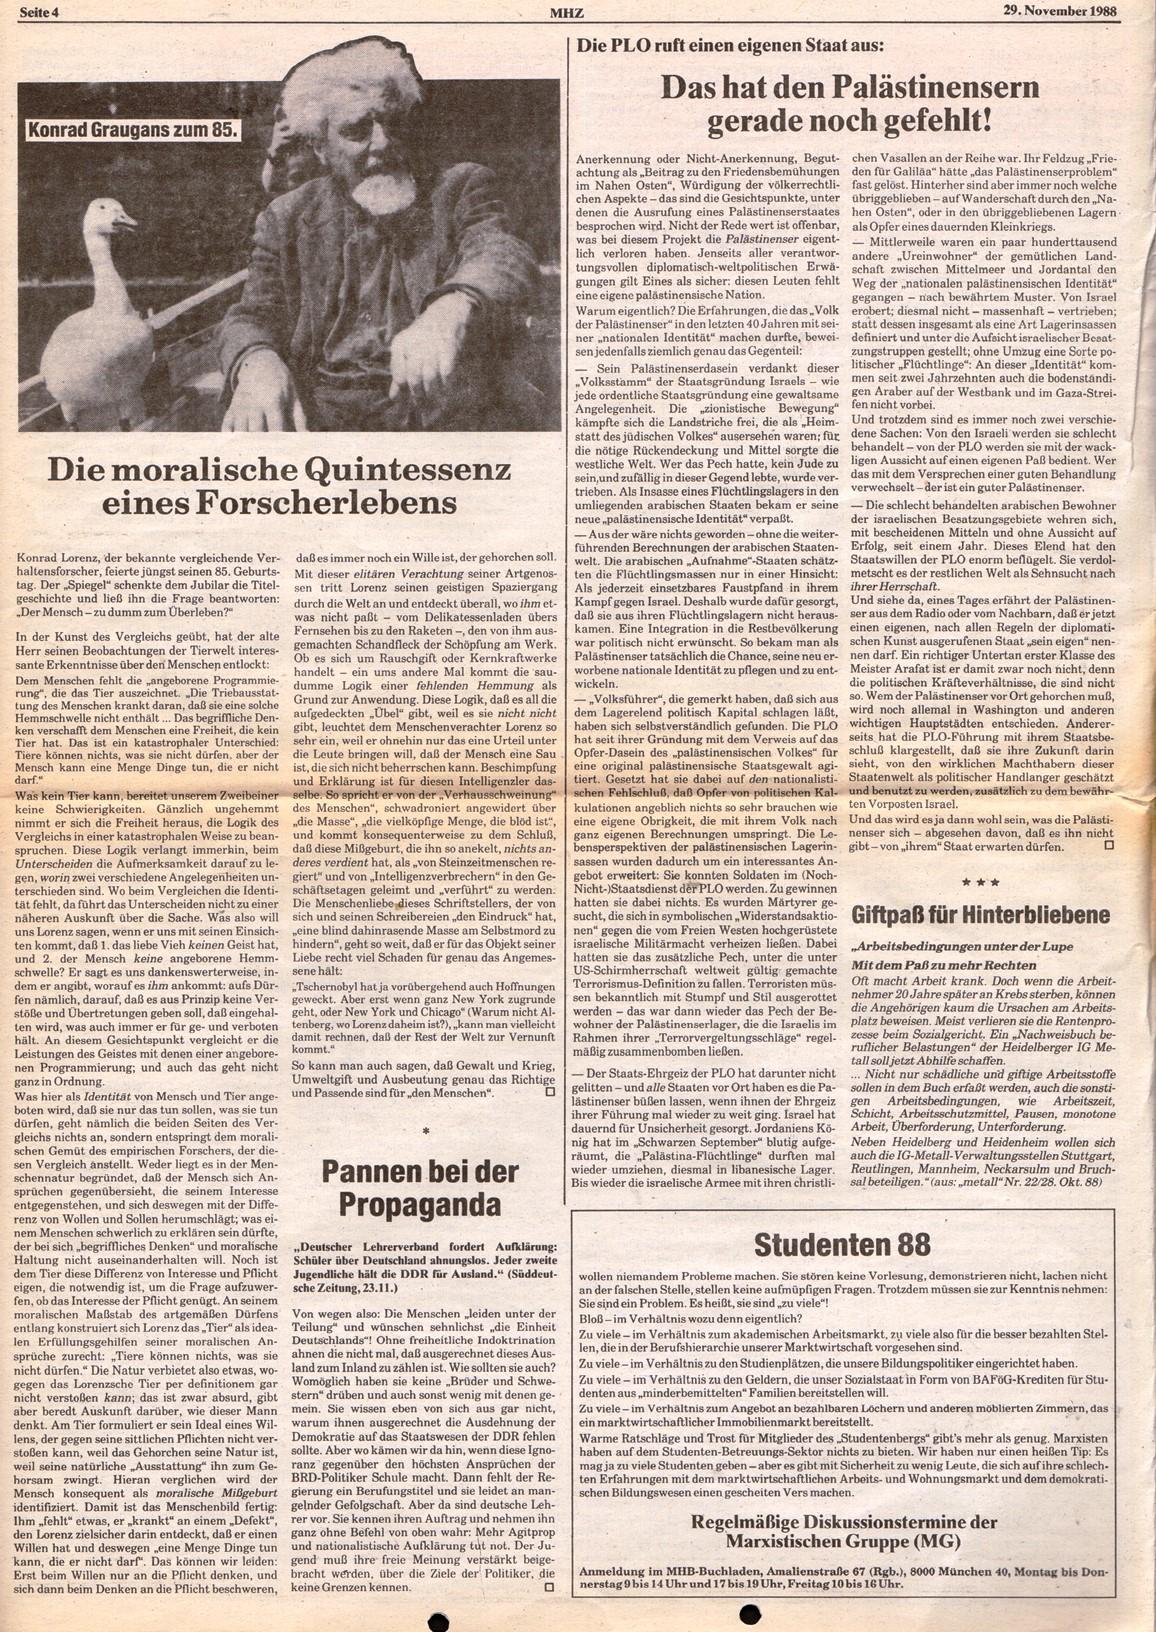 Muenchen_MG_Hochschulzeitung_19881129_04